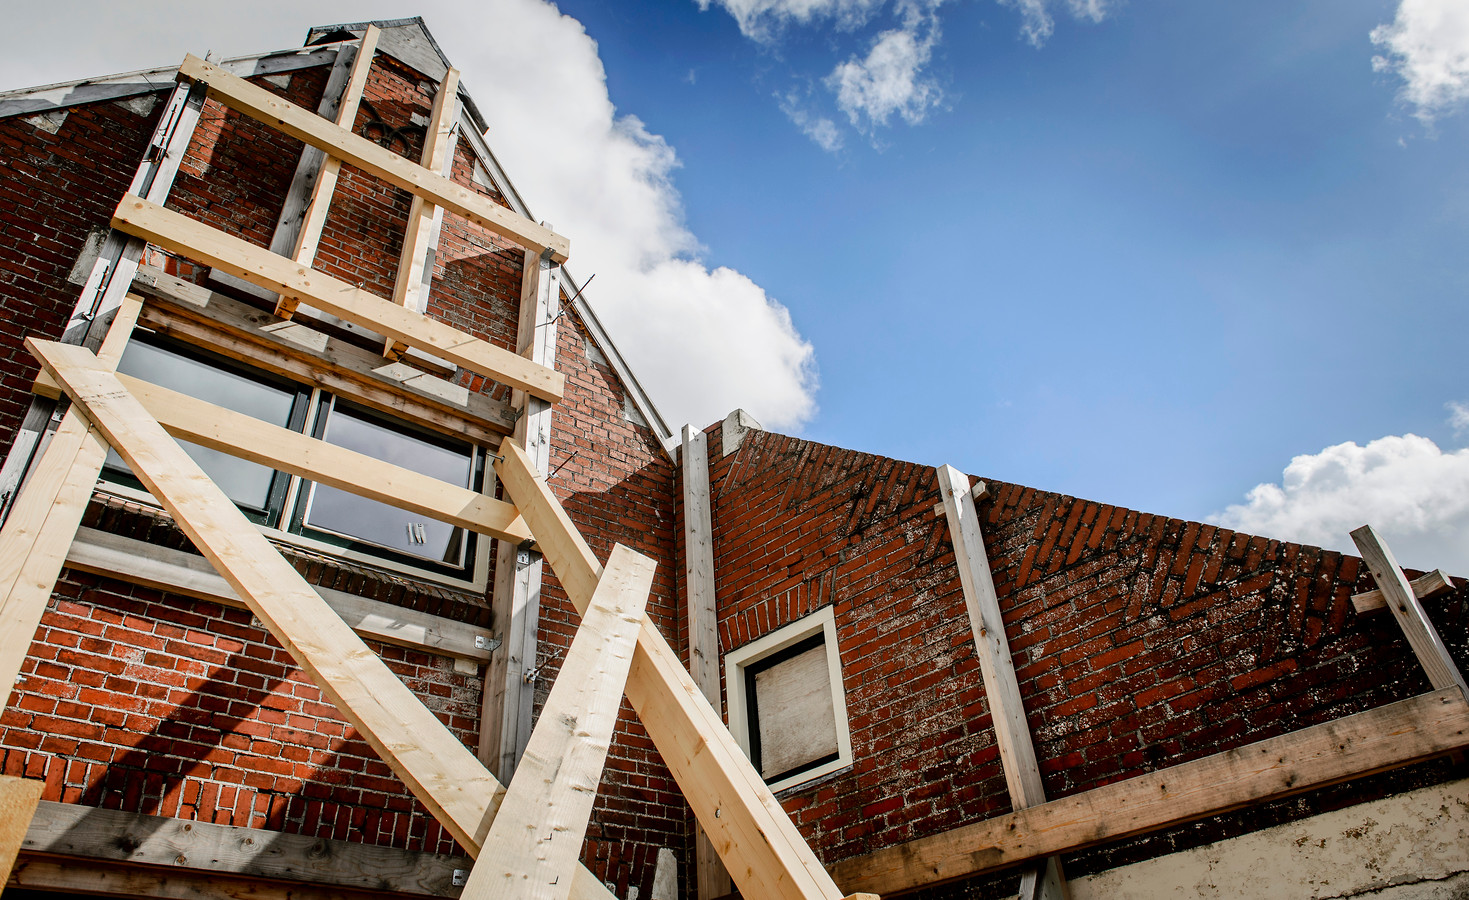 Een gebouw is verstevigd met balken na aardbevingsschade die is ontstaan door de gaswinning.